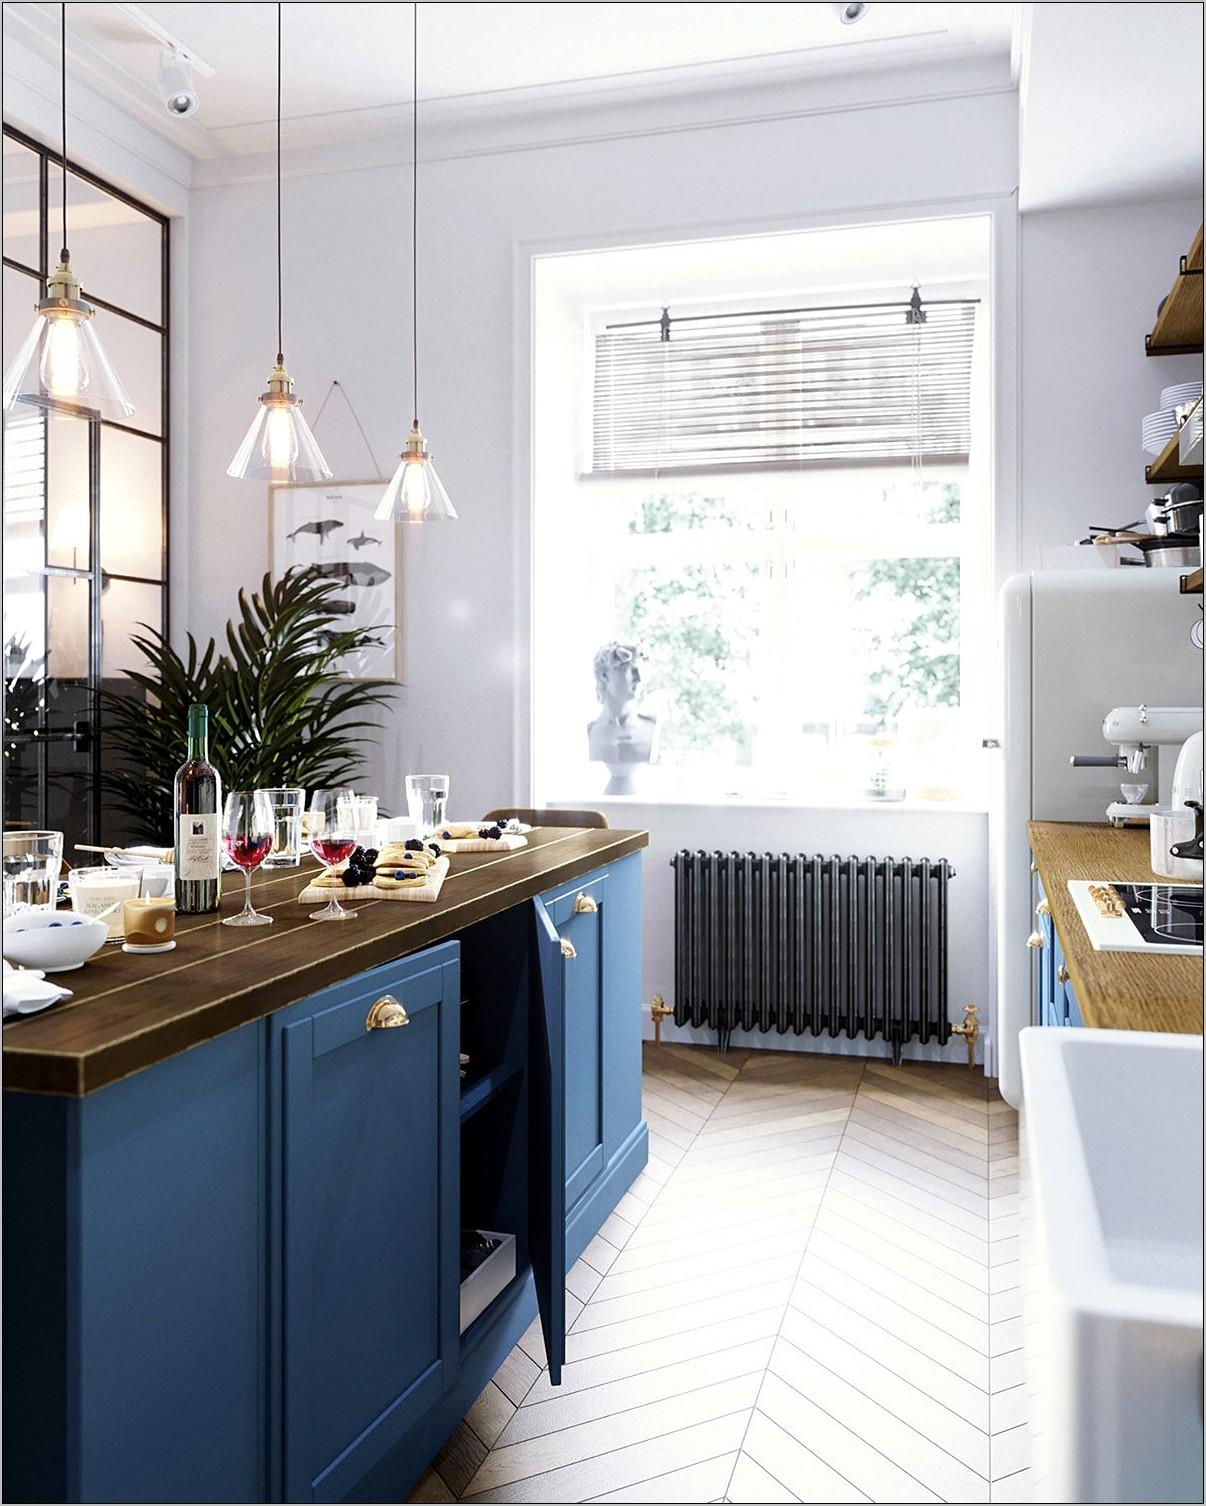 Scandinavian Style Kitchen Decor